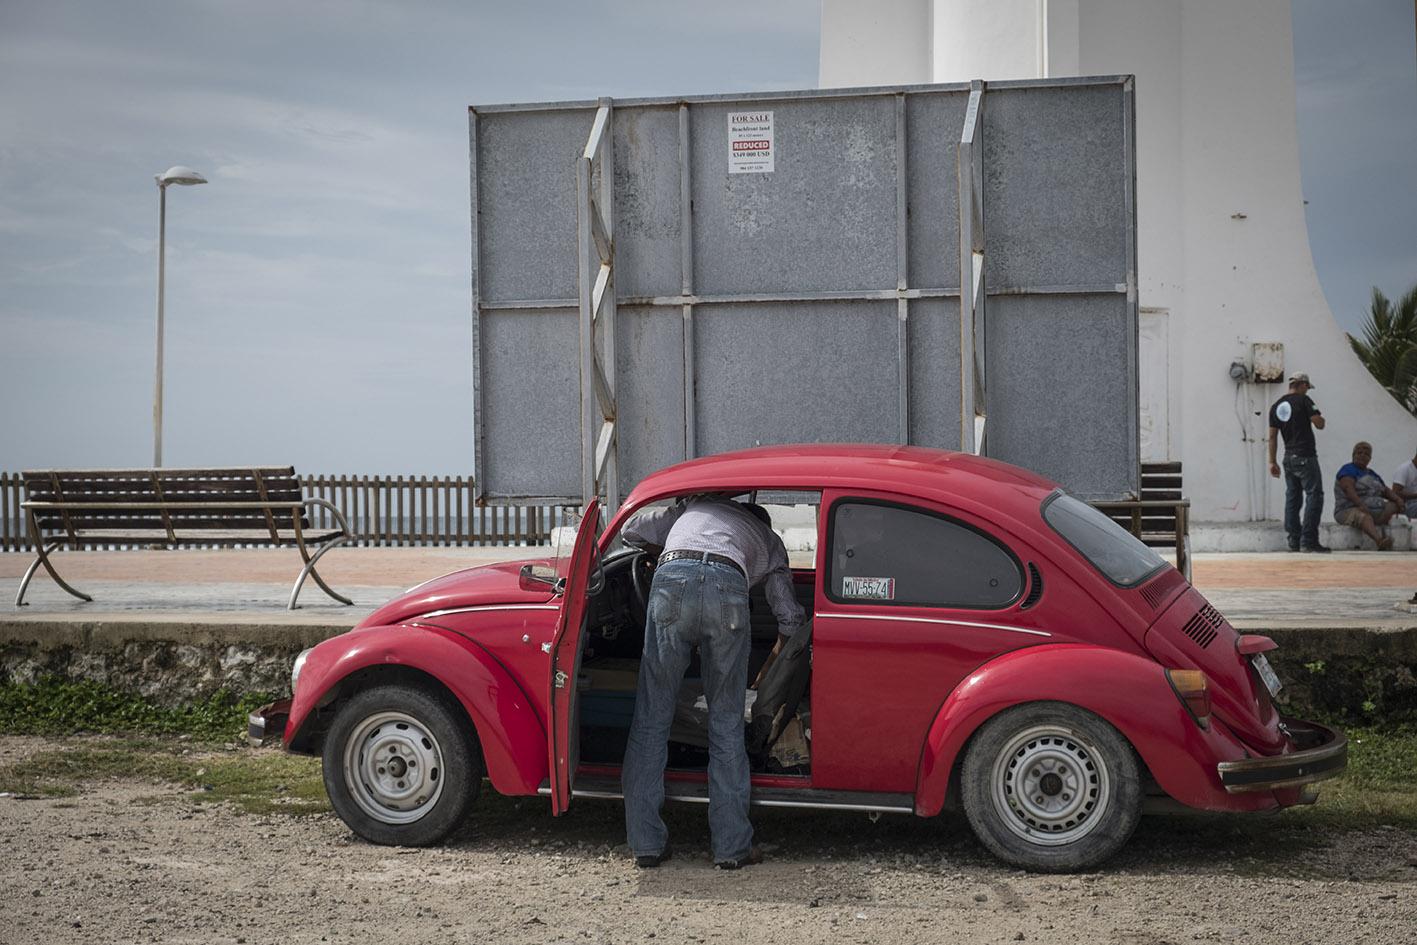 Mexico, juli/augustus 2017 – In Mexico rijden nog veel VW Kevers rond. Toen de productie in Europa stopte nam Mexico het over. Tot 2003 rolden daar de VW Kevers van de band. Foto Dingena Mol